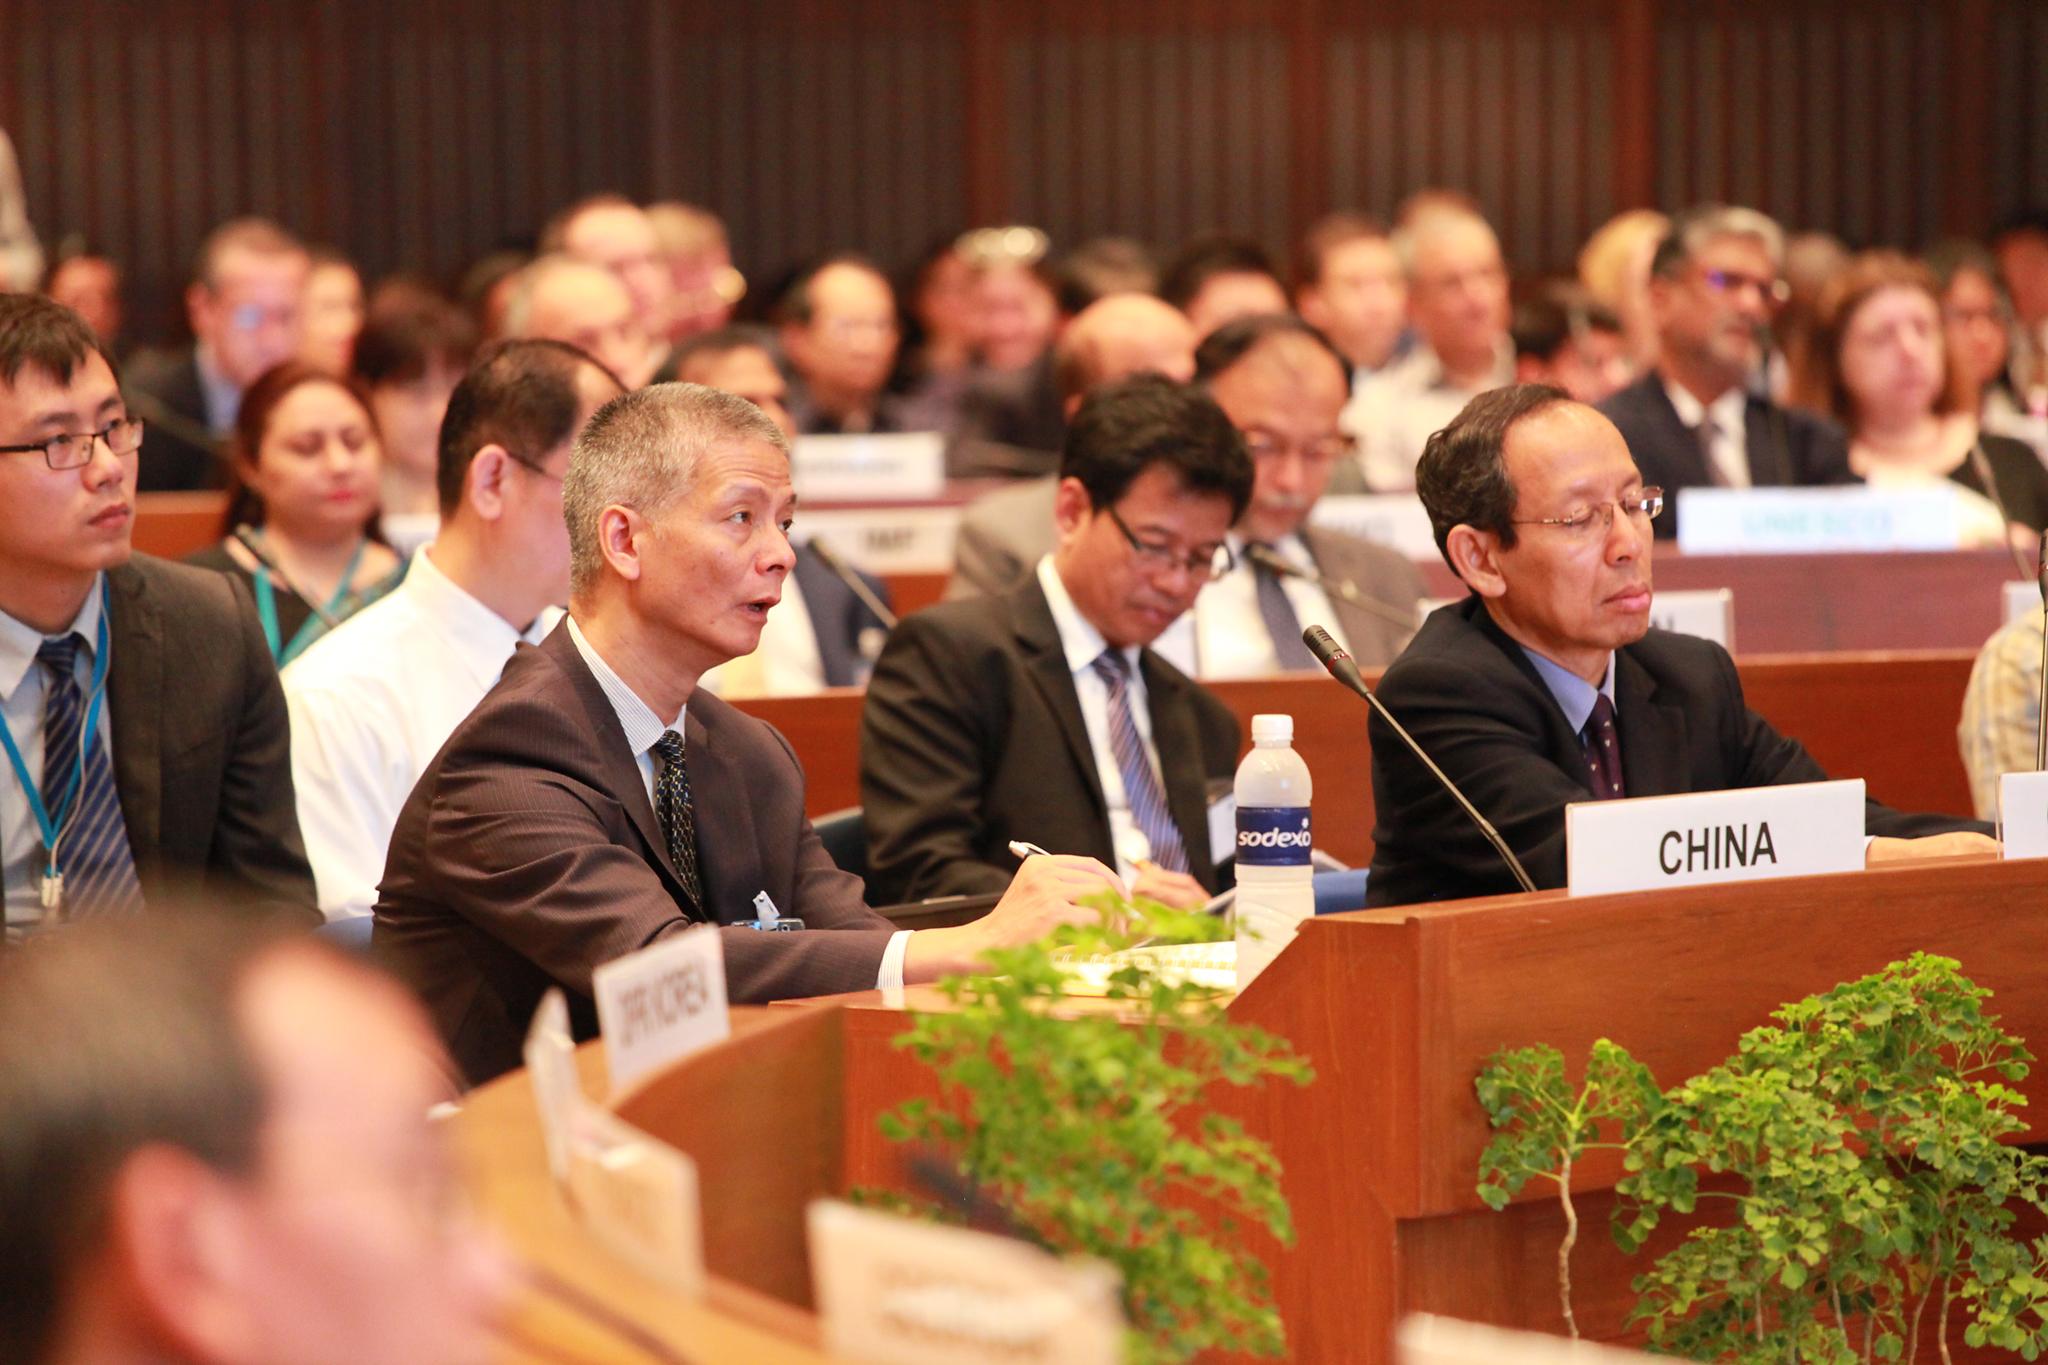 Delegates at APFSD 2016